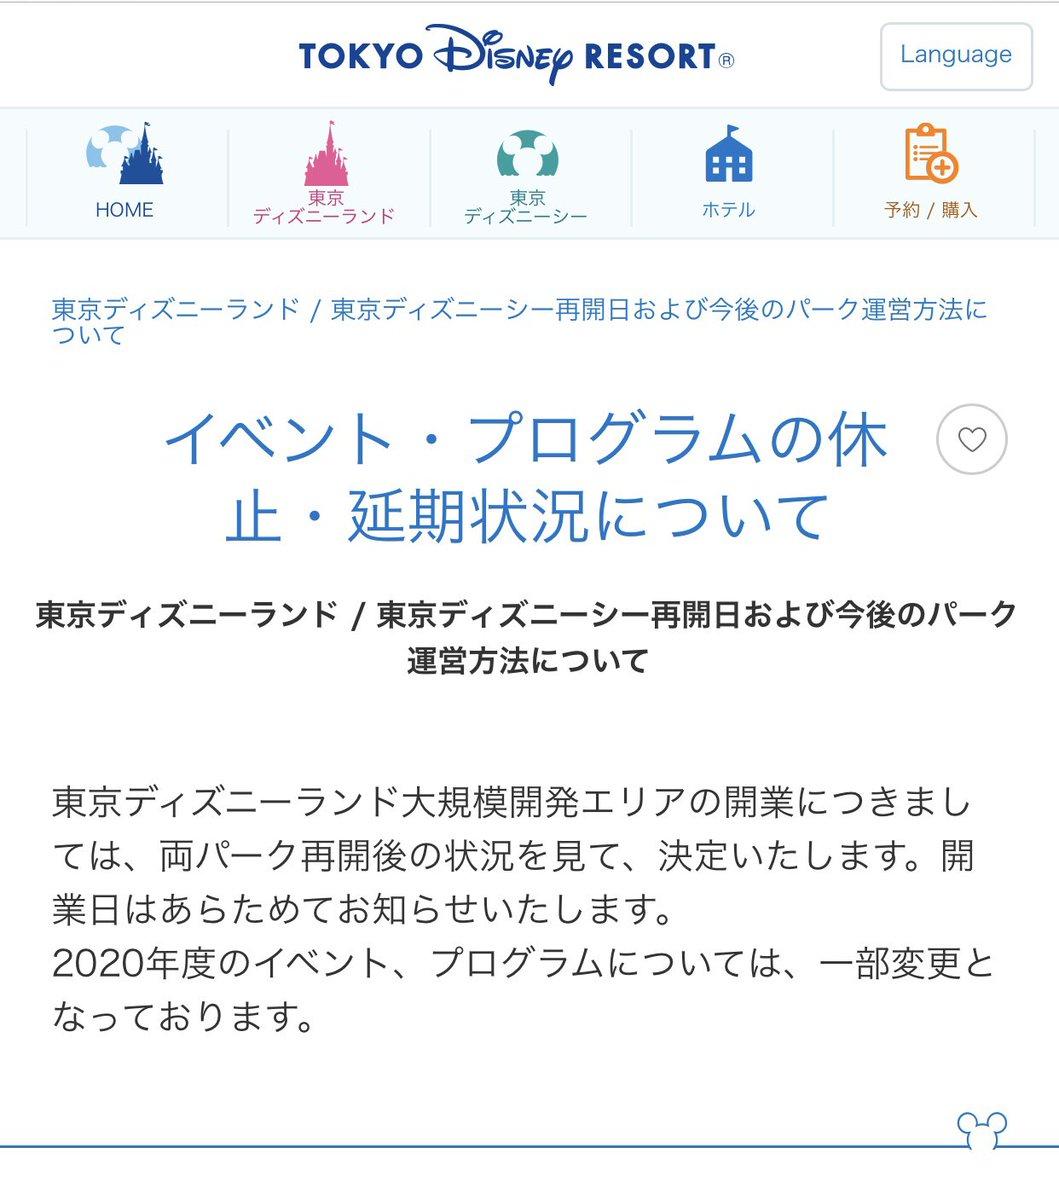 東京ディズニーリゾート、ハロウィン ・クリスマス・お正月のイベントも中止が決定!